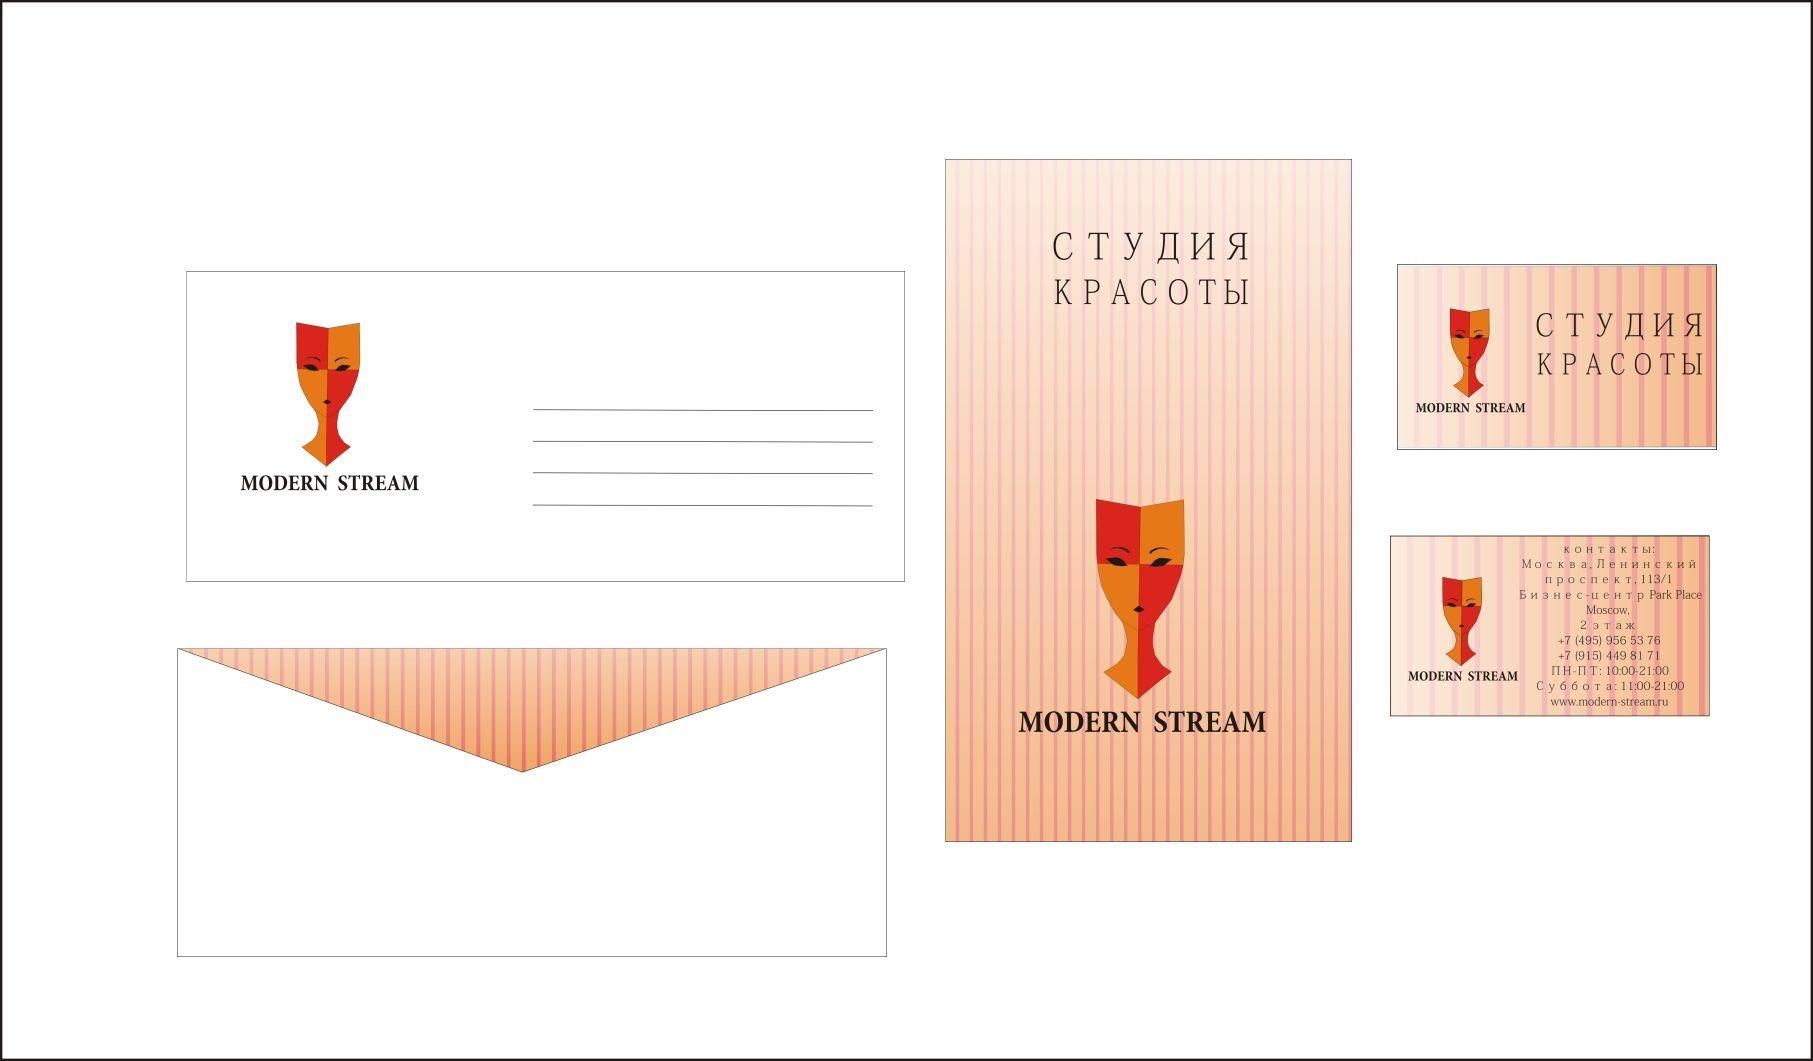 Лого и фирменный стиль для студии красоты - дизайнер GreenBunny